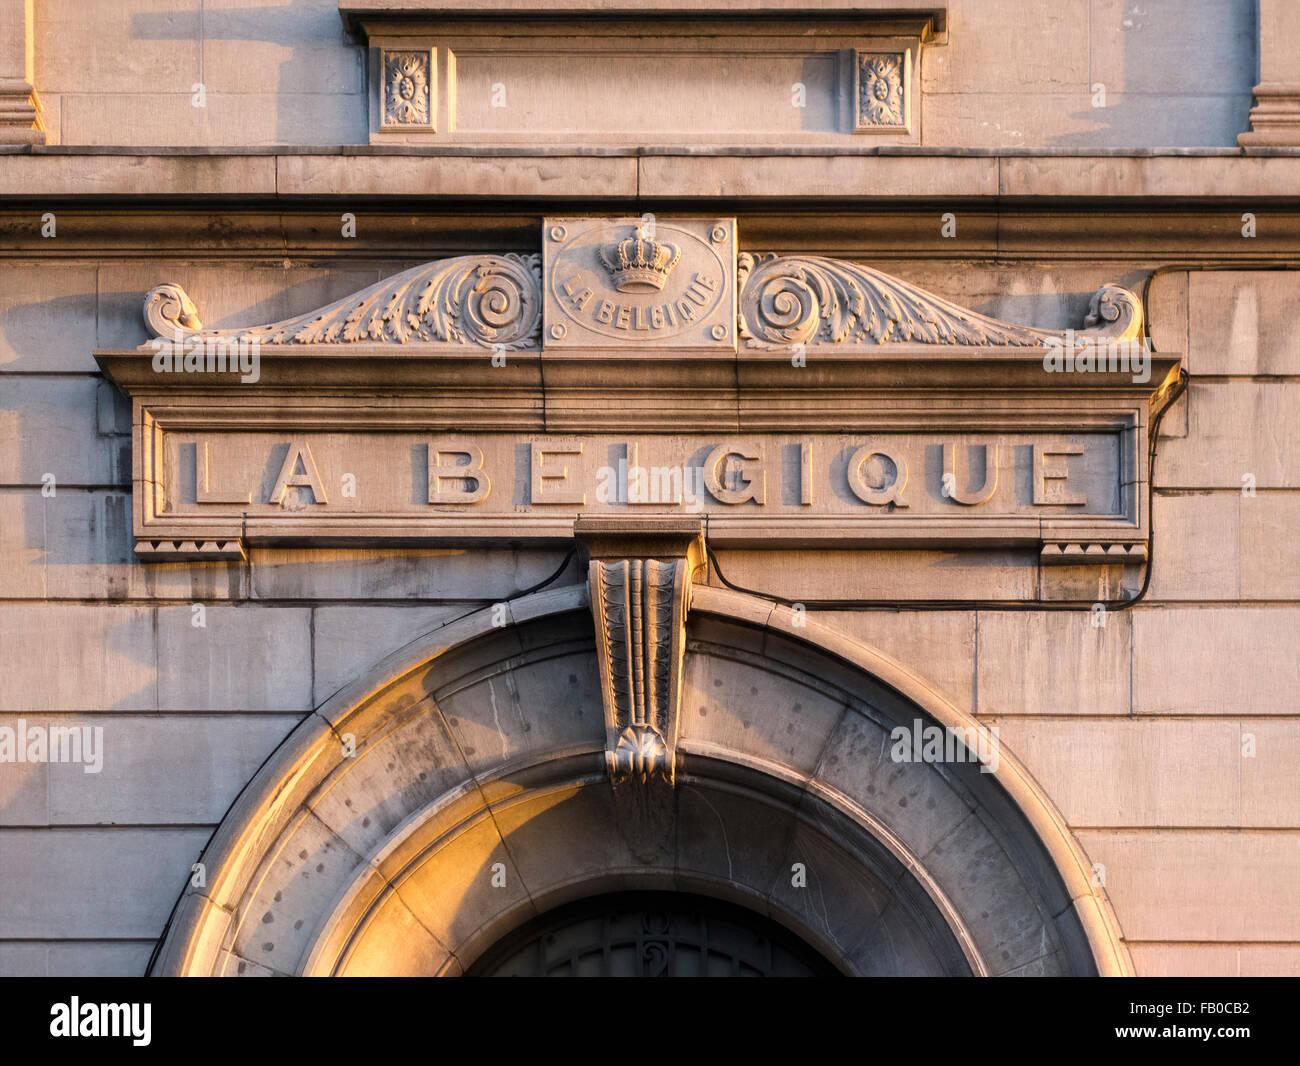 Inscrivez-Belgique. Inscription couronné la Belgique sur porte d'une cour de justice de paix à Bruxelles. Photo Stock